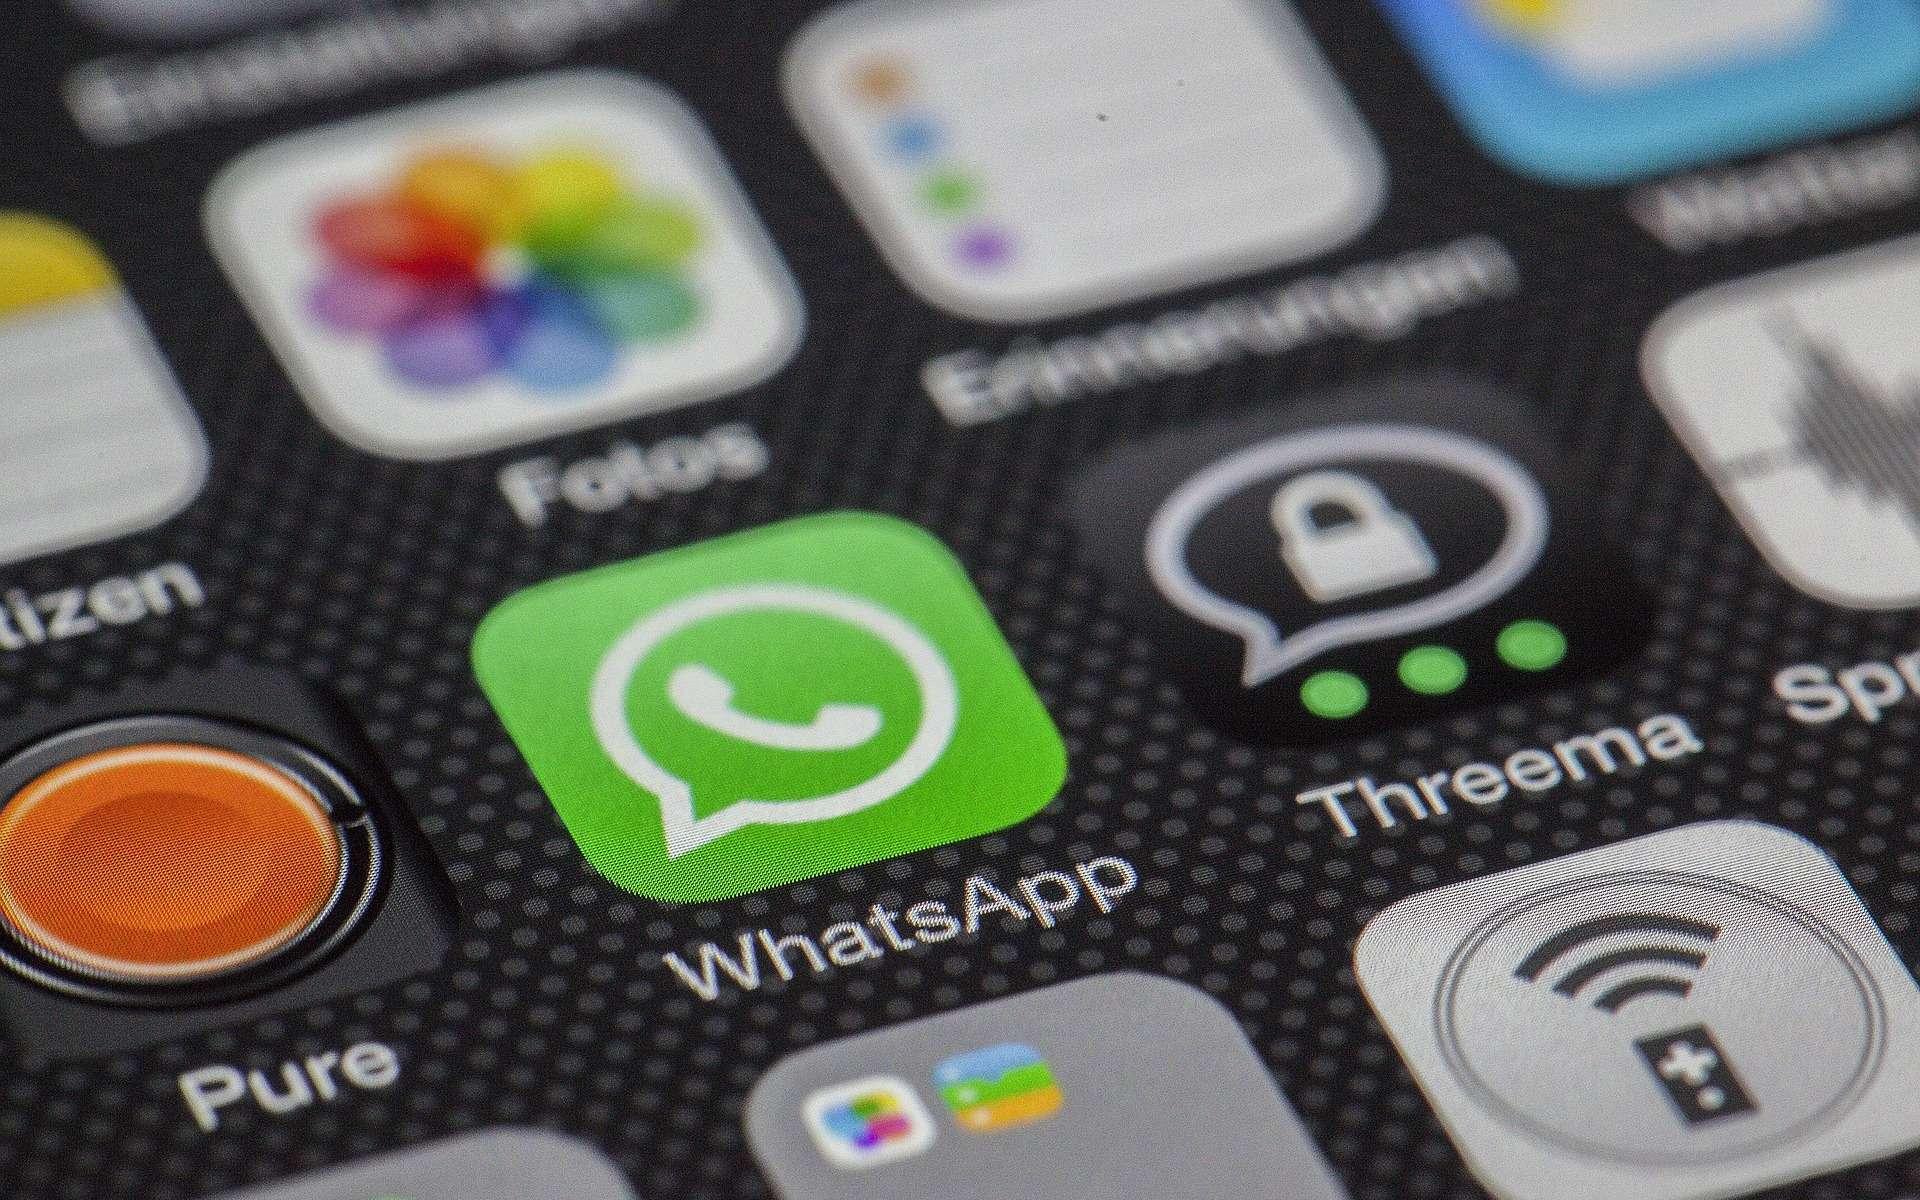 La messagerie instantanée WhatsApp permet aussi de passer des appels gratuits entre les utilisateurs de l'application. © LoboStudioHamburg, Pixabay, DP